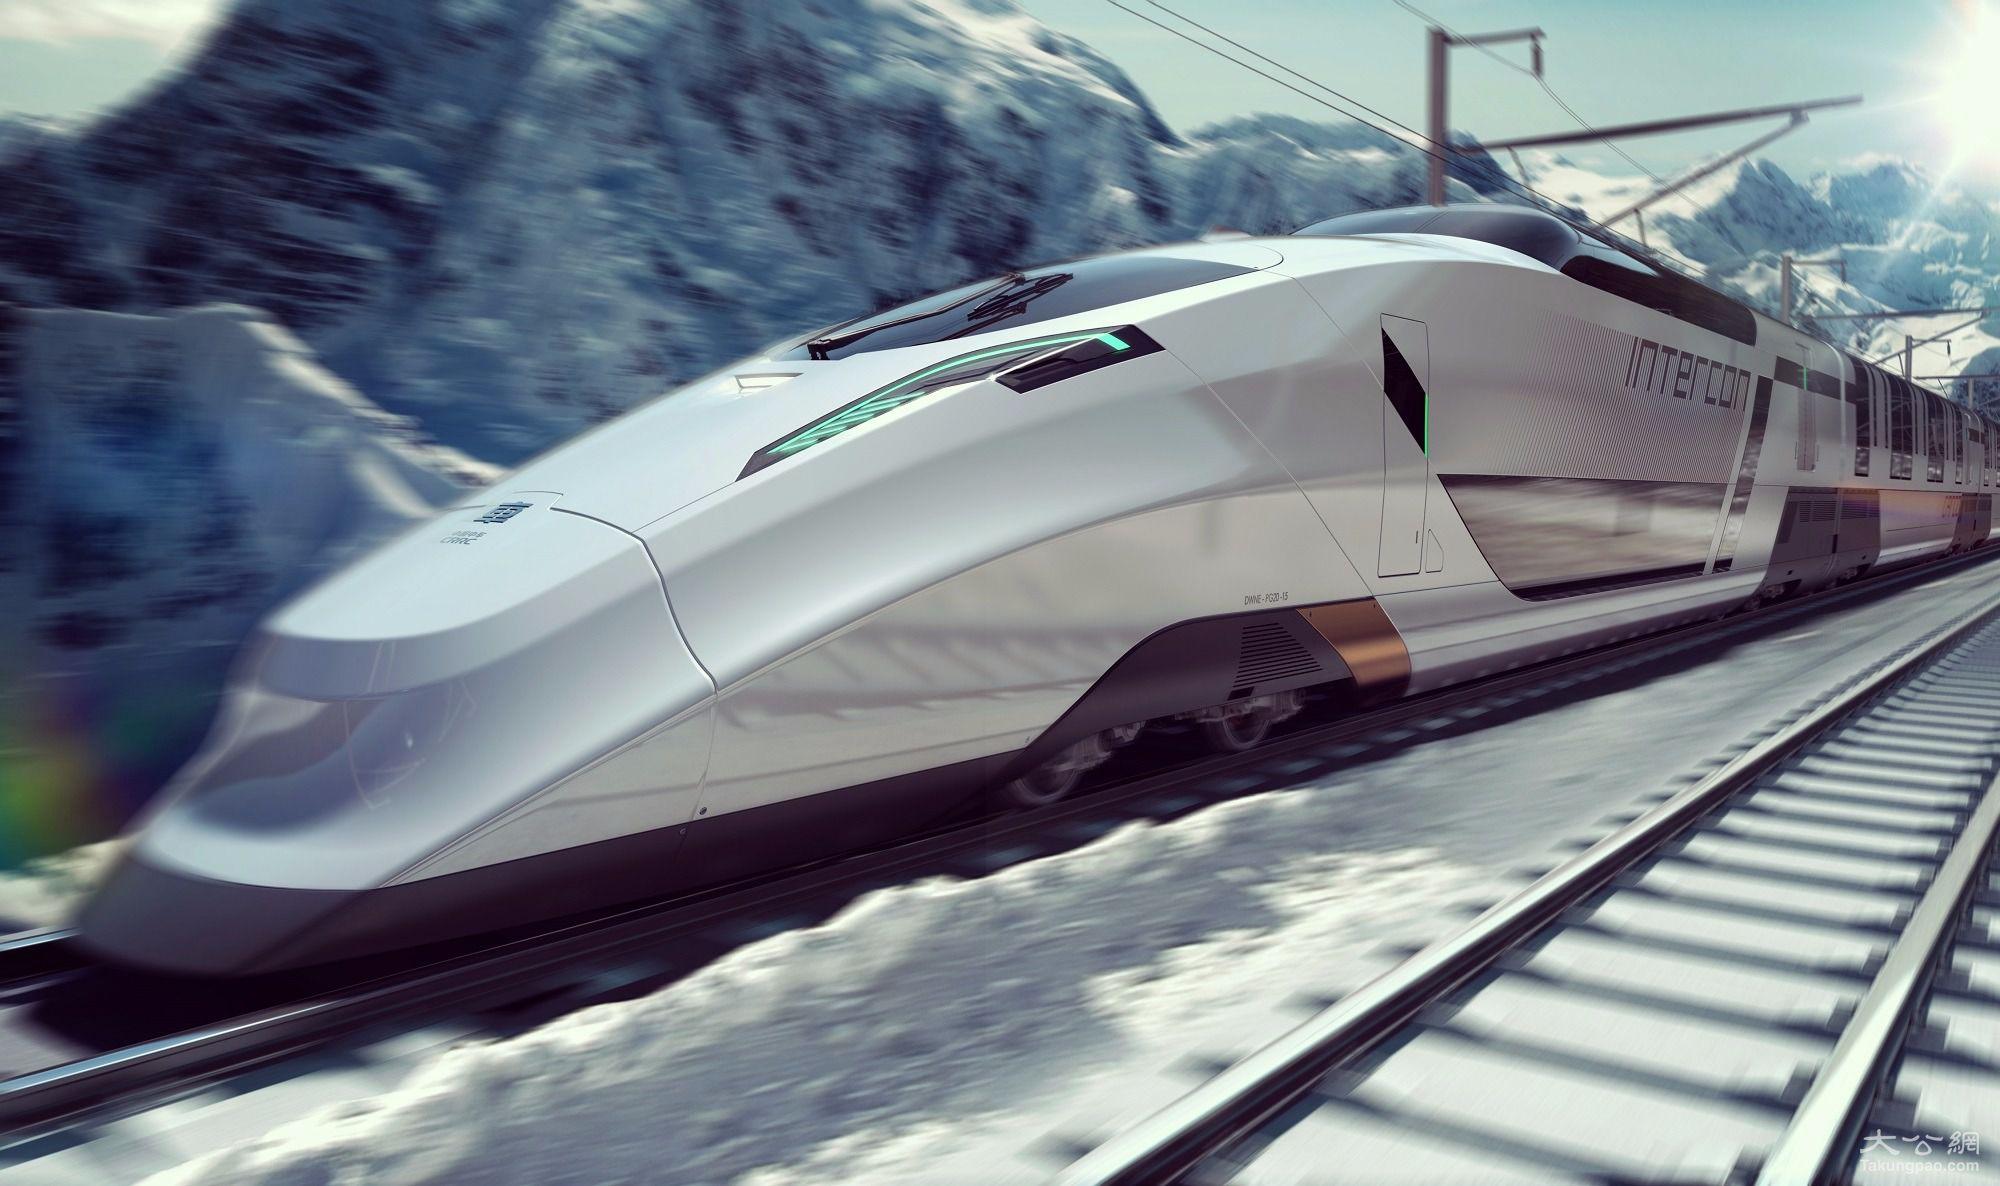 中车青岛四方机车车辆股份有限公司的洲际高速列车凭借出色的